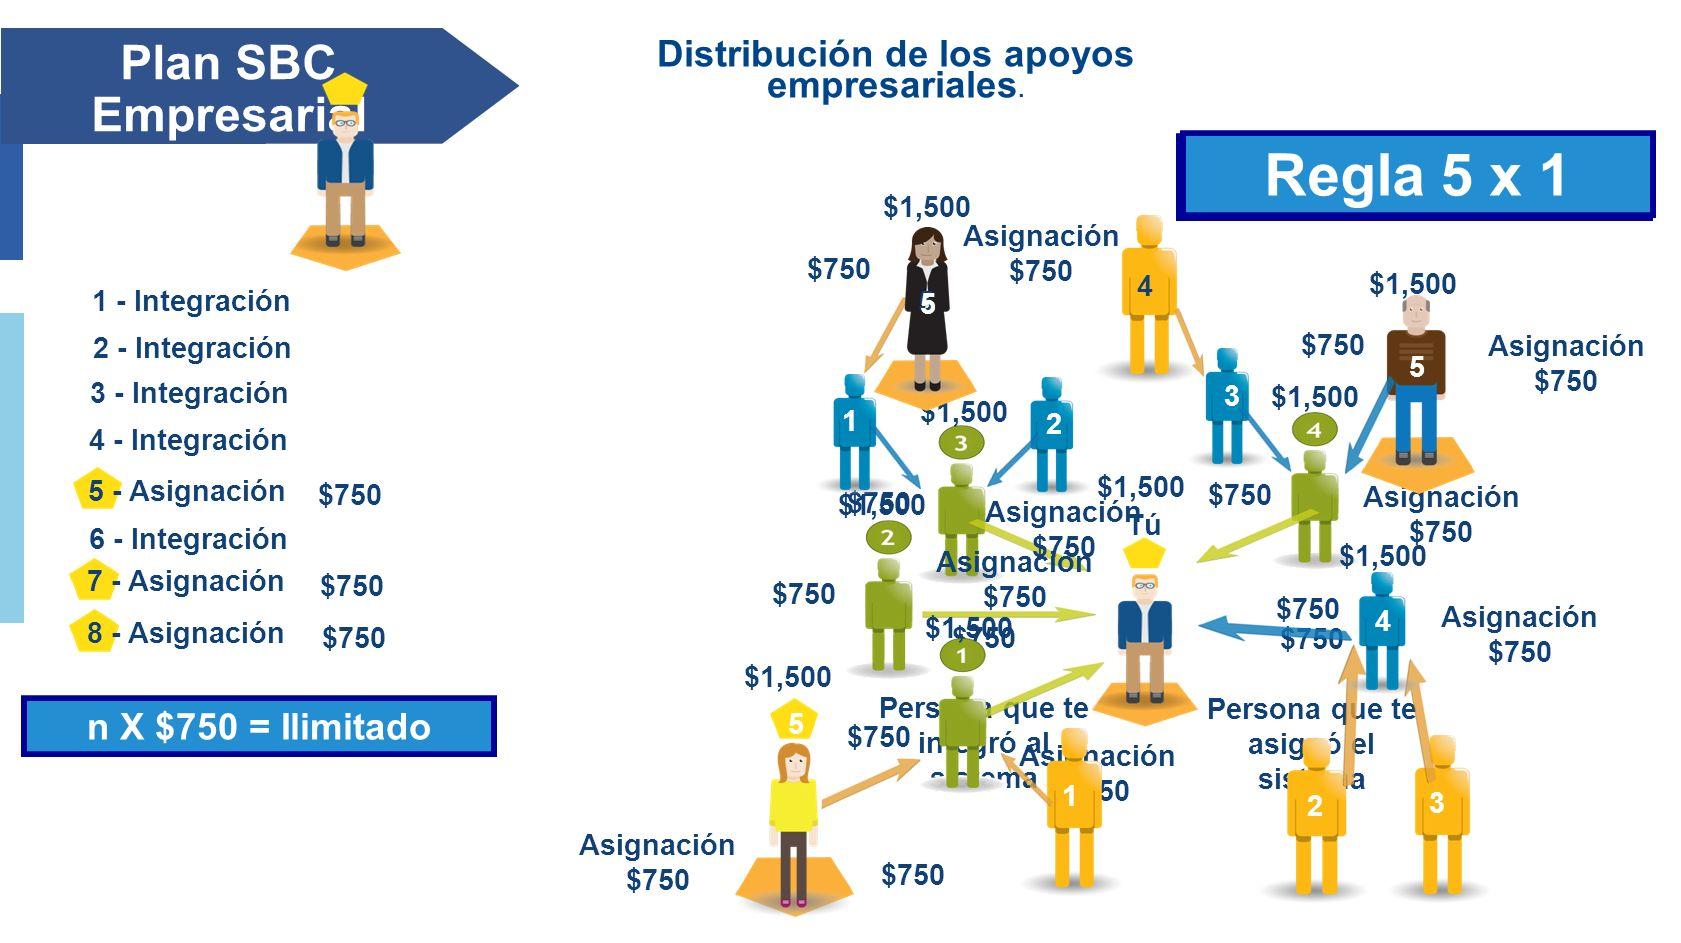 Distribución de los apoyos empresariales.